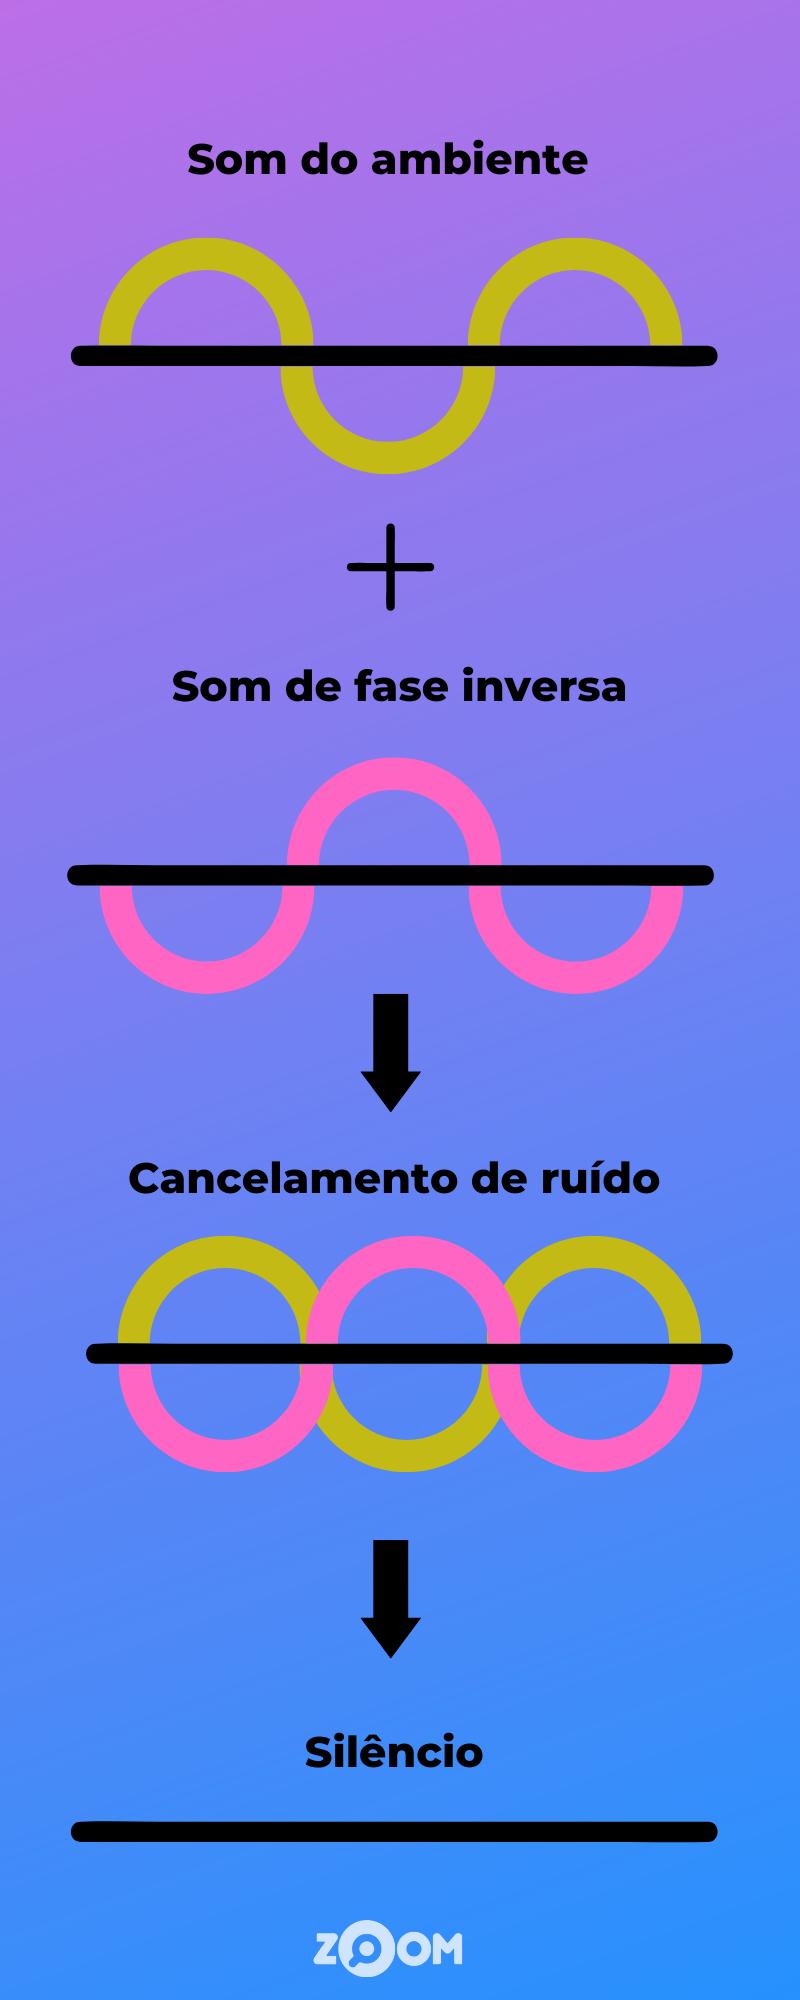 Esquema mostra o cancelamento de ondas sonoras que promovem cancelamento de ruído ativo. (Imagem: Zoom)